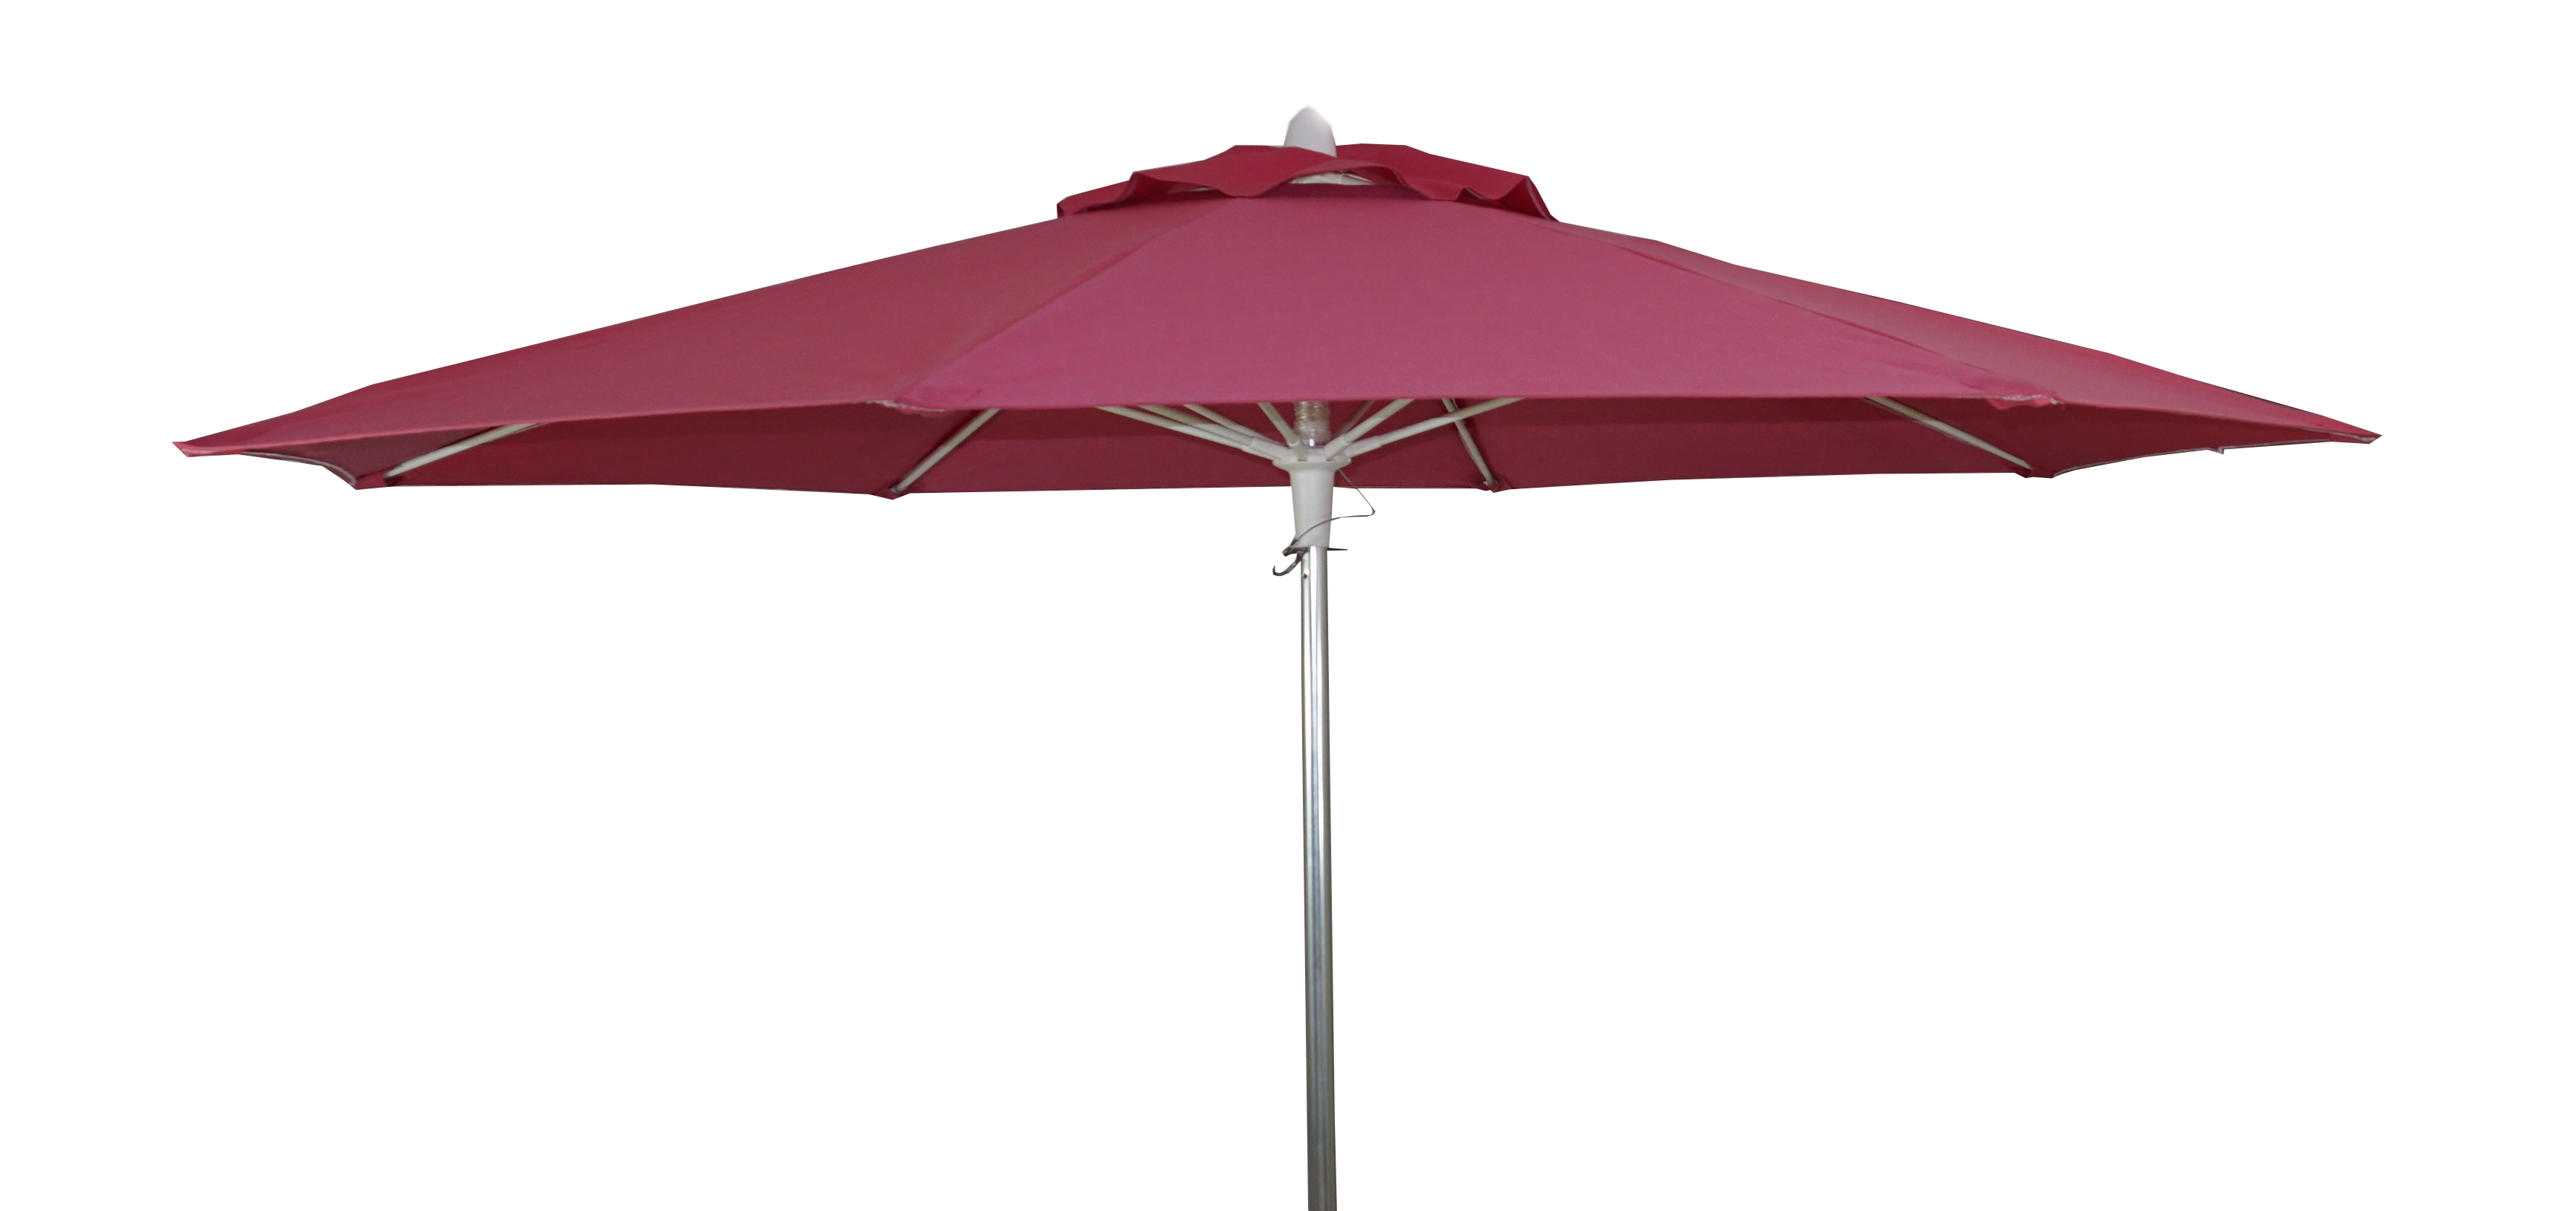 Custom Sunbrella Patio Umbrellas In Well Known Custome Made Umbrella – Feruci Patio Furniture Miami (View 5 of 20)